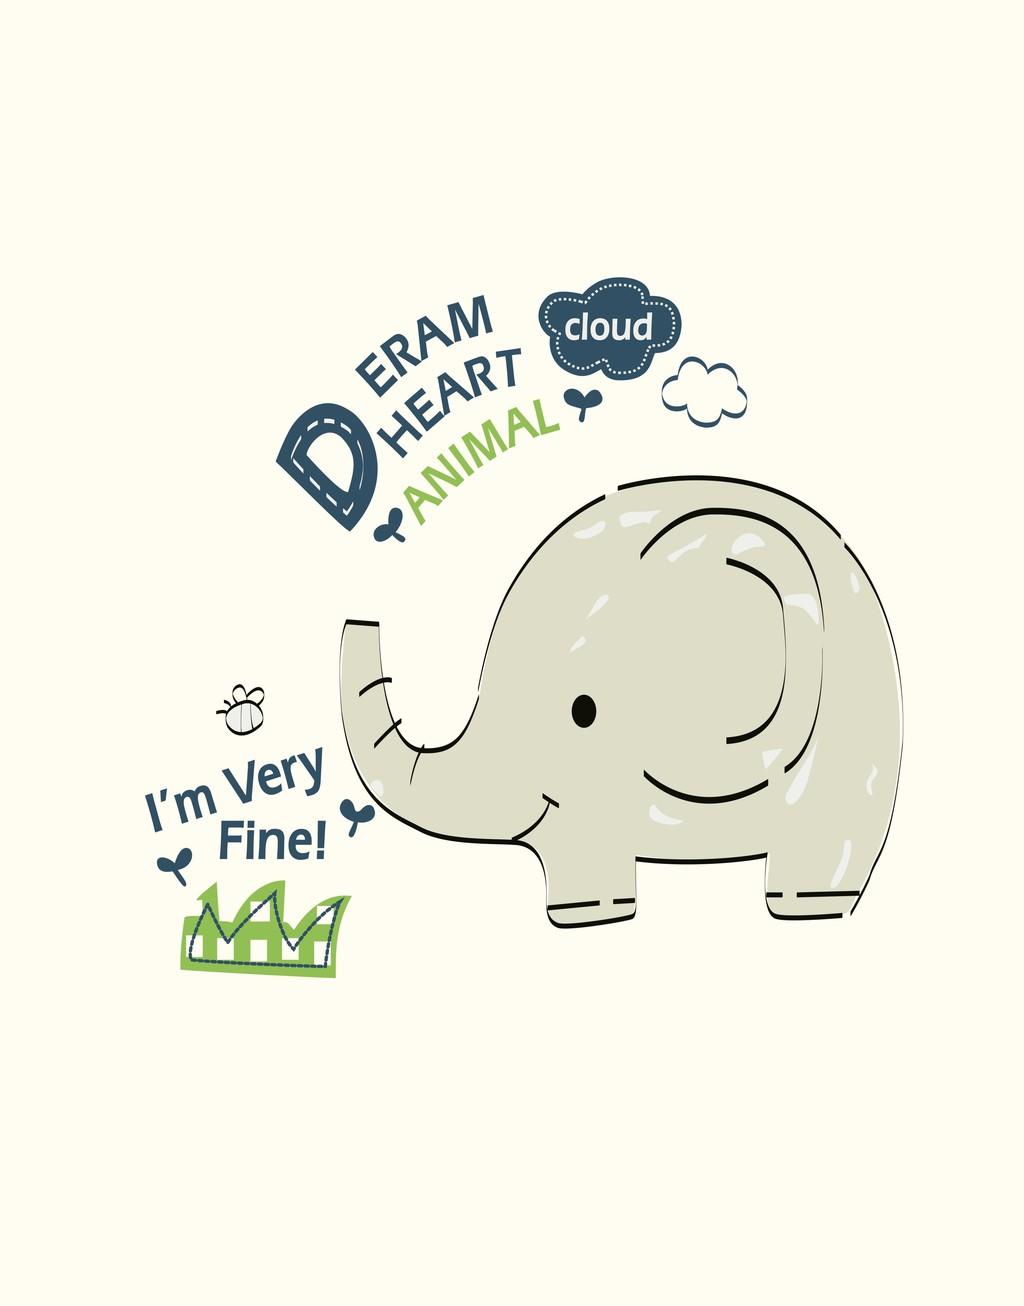 卡通动物大象图文组合